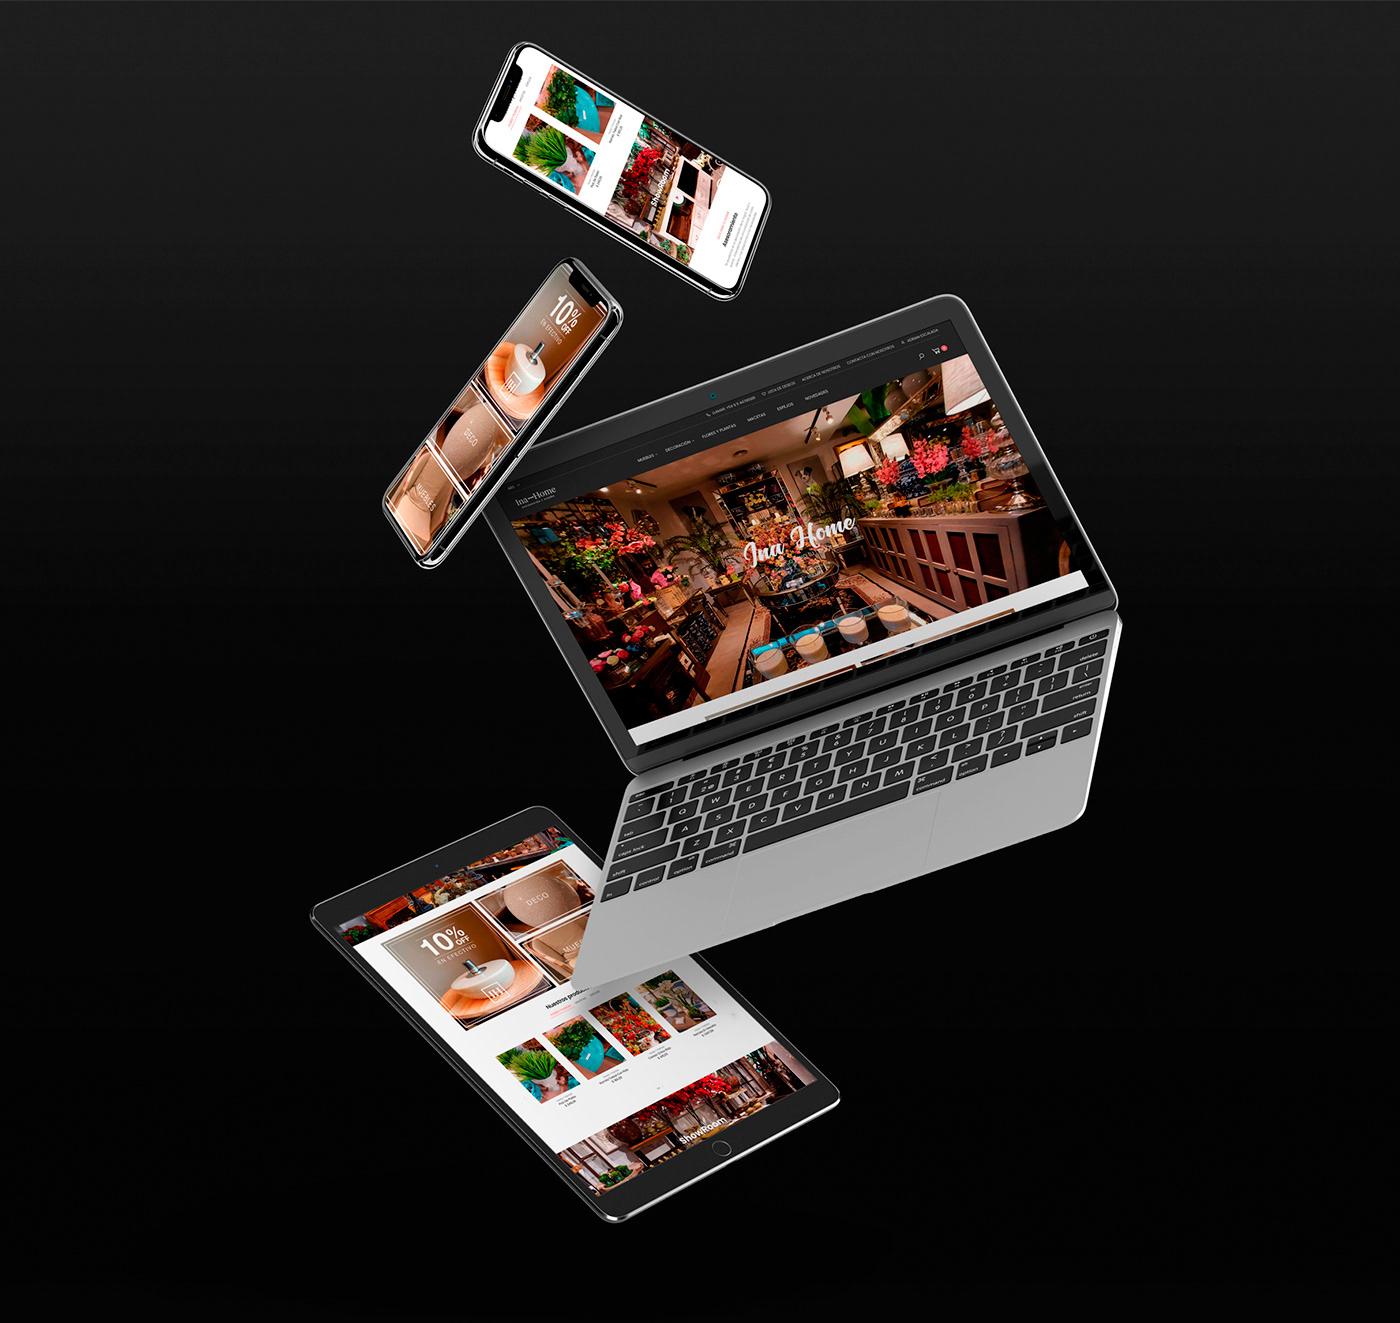 branding  contenido digital deco decoracion diseño de redes sociales Diseño web identidad Prestashop rrss deco tienda online deco